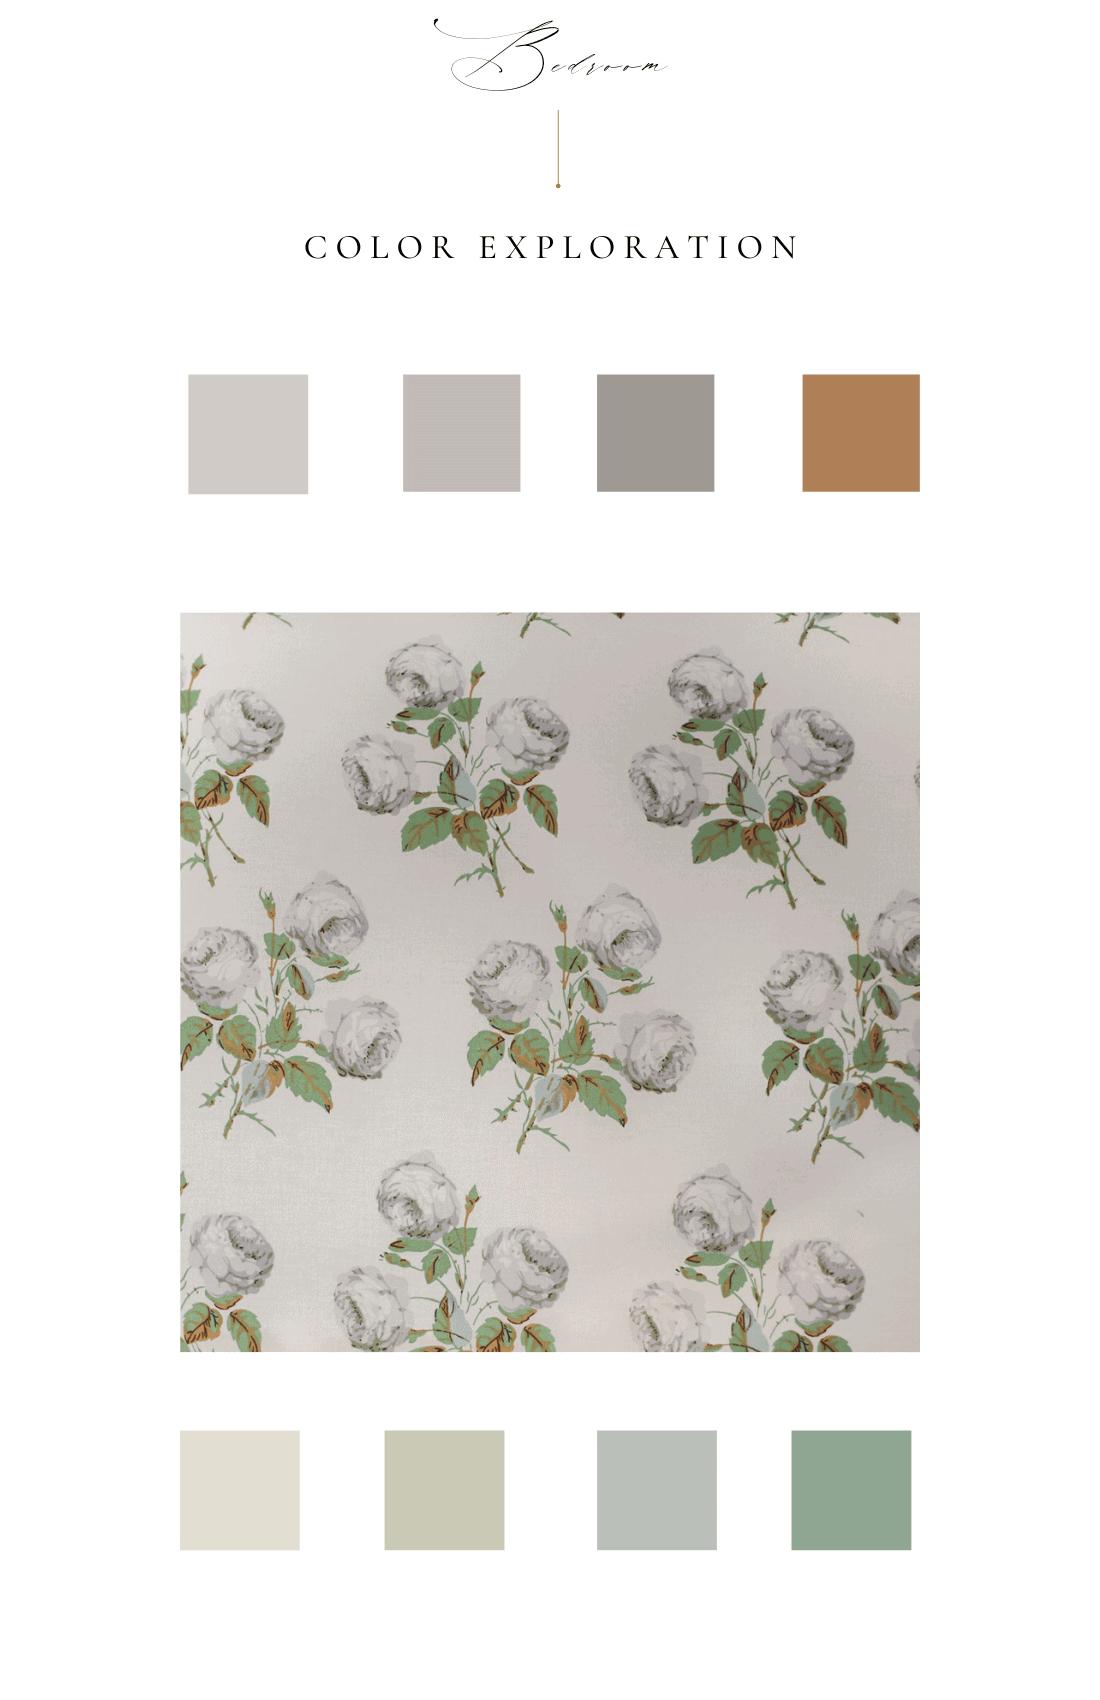 colefax-fowler-bowood-color-pattern-scheme